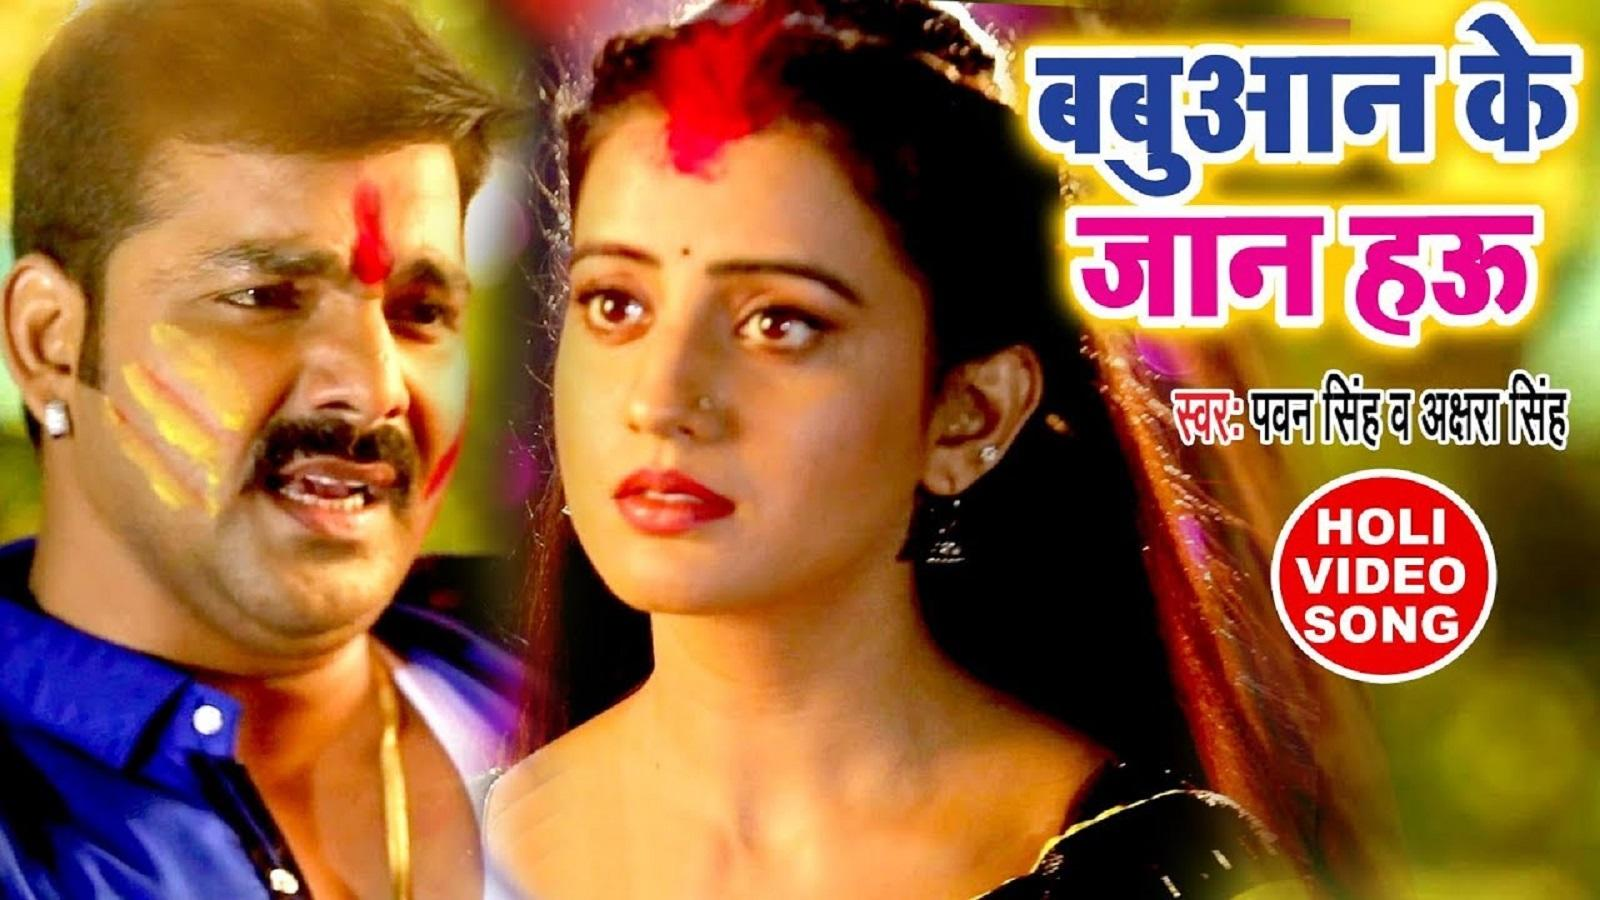 Watch: Pawan Singh and Akshara Singh's Bhojpuri Holi song 'Babuaan Ke Jaan  Hau'